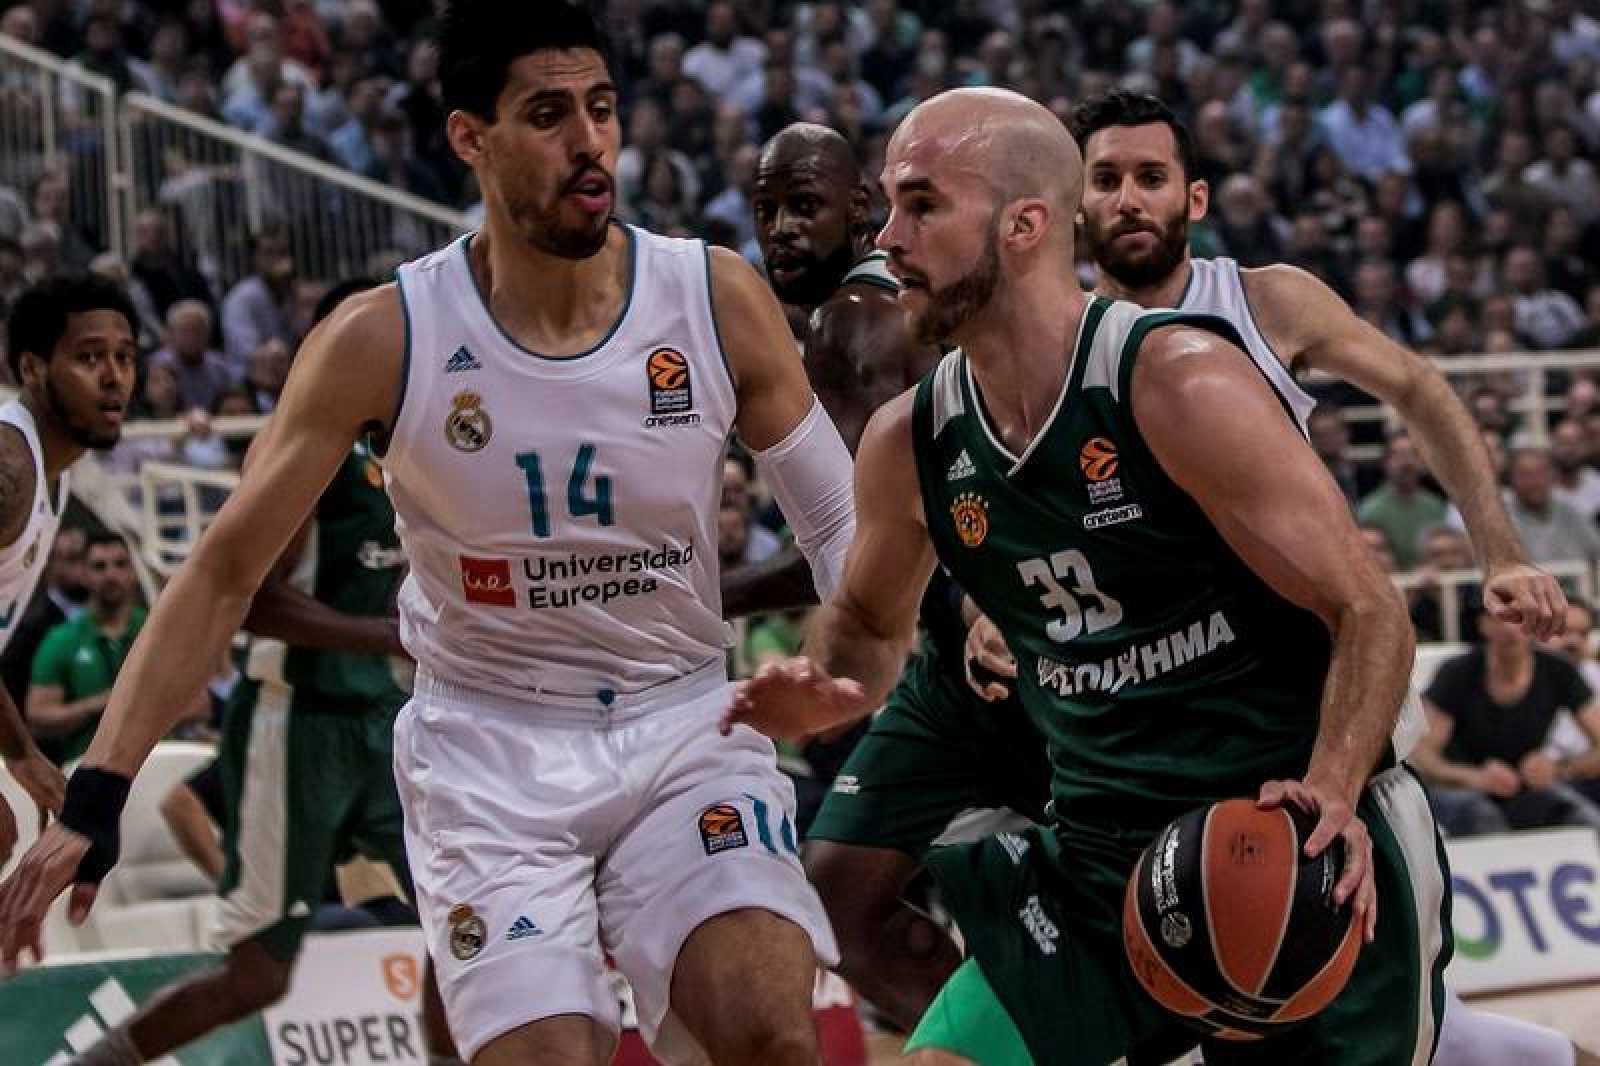 El jugador del Panathinaikos Nick Calathes controla el balón ante Ayón.